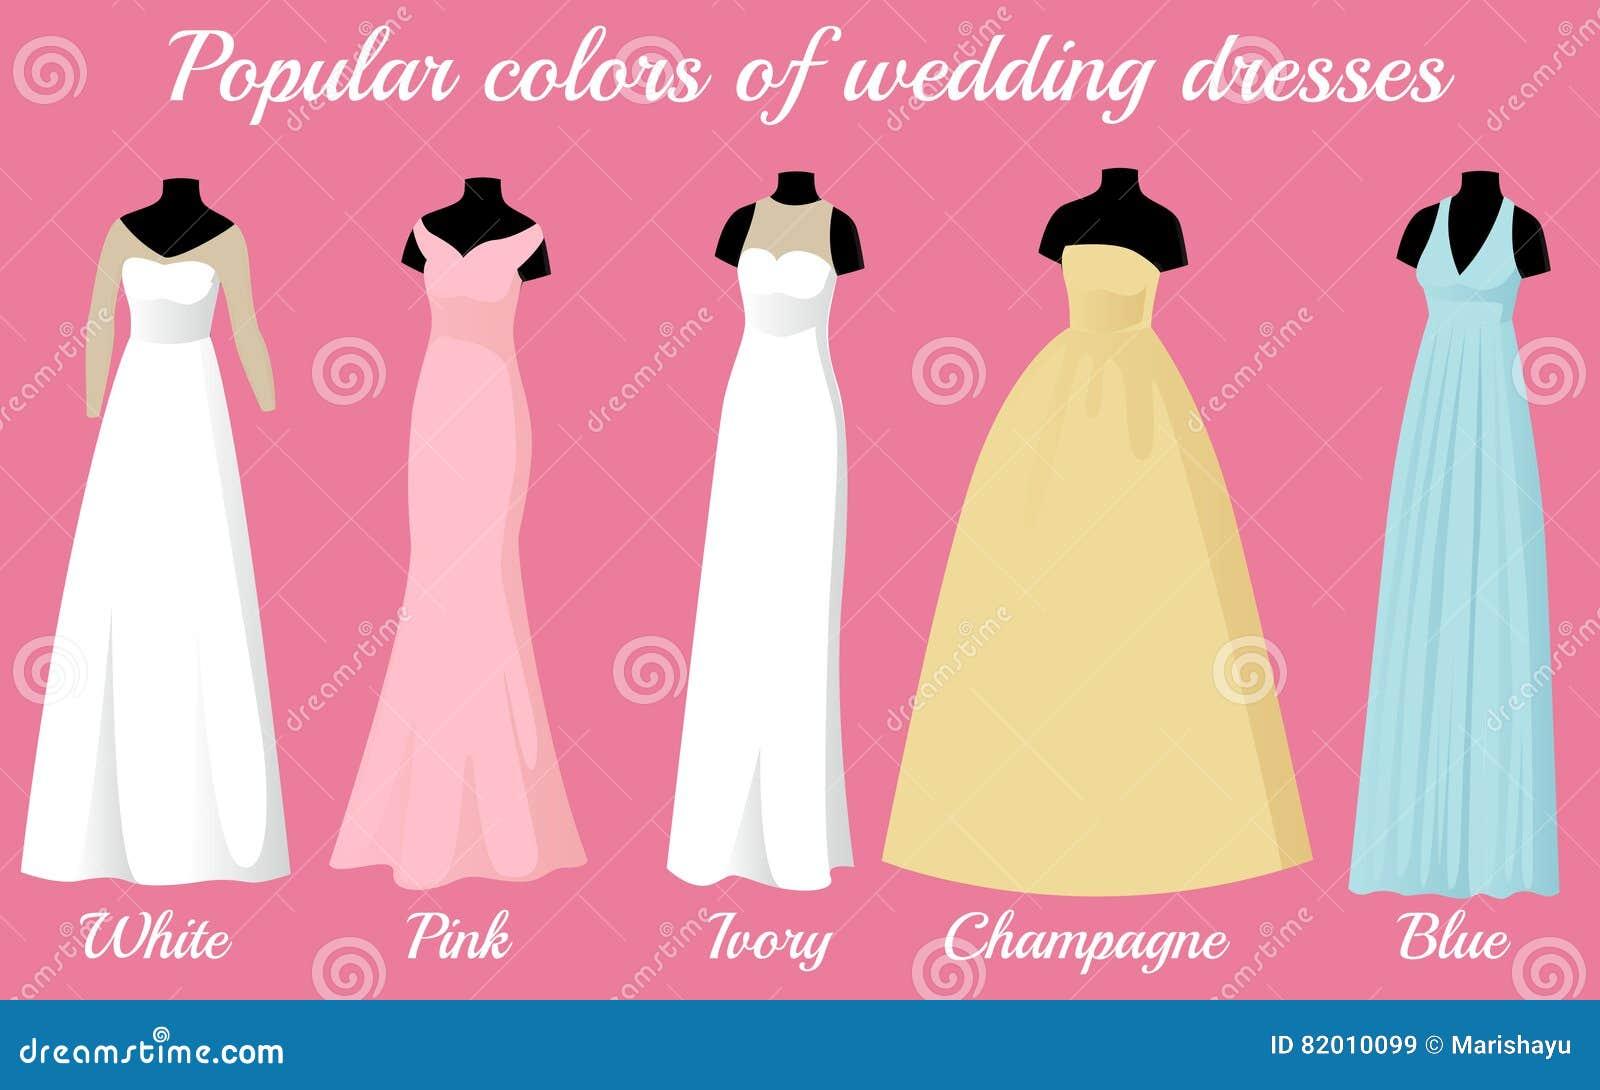 Brautkleider Von Populären Farben Auf Mannequins Vektor Abbildung